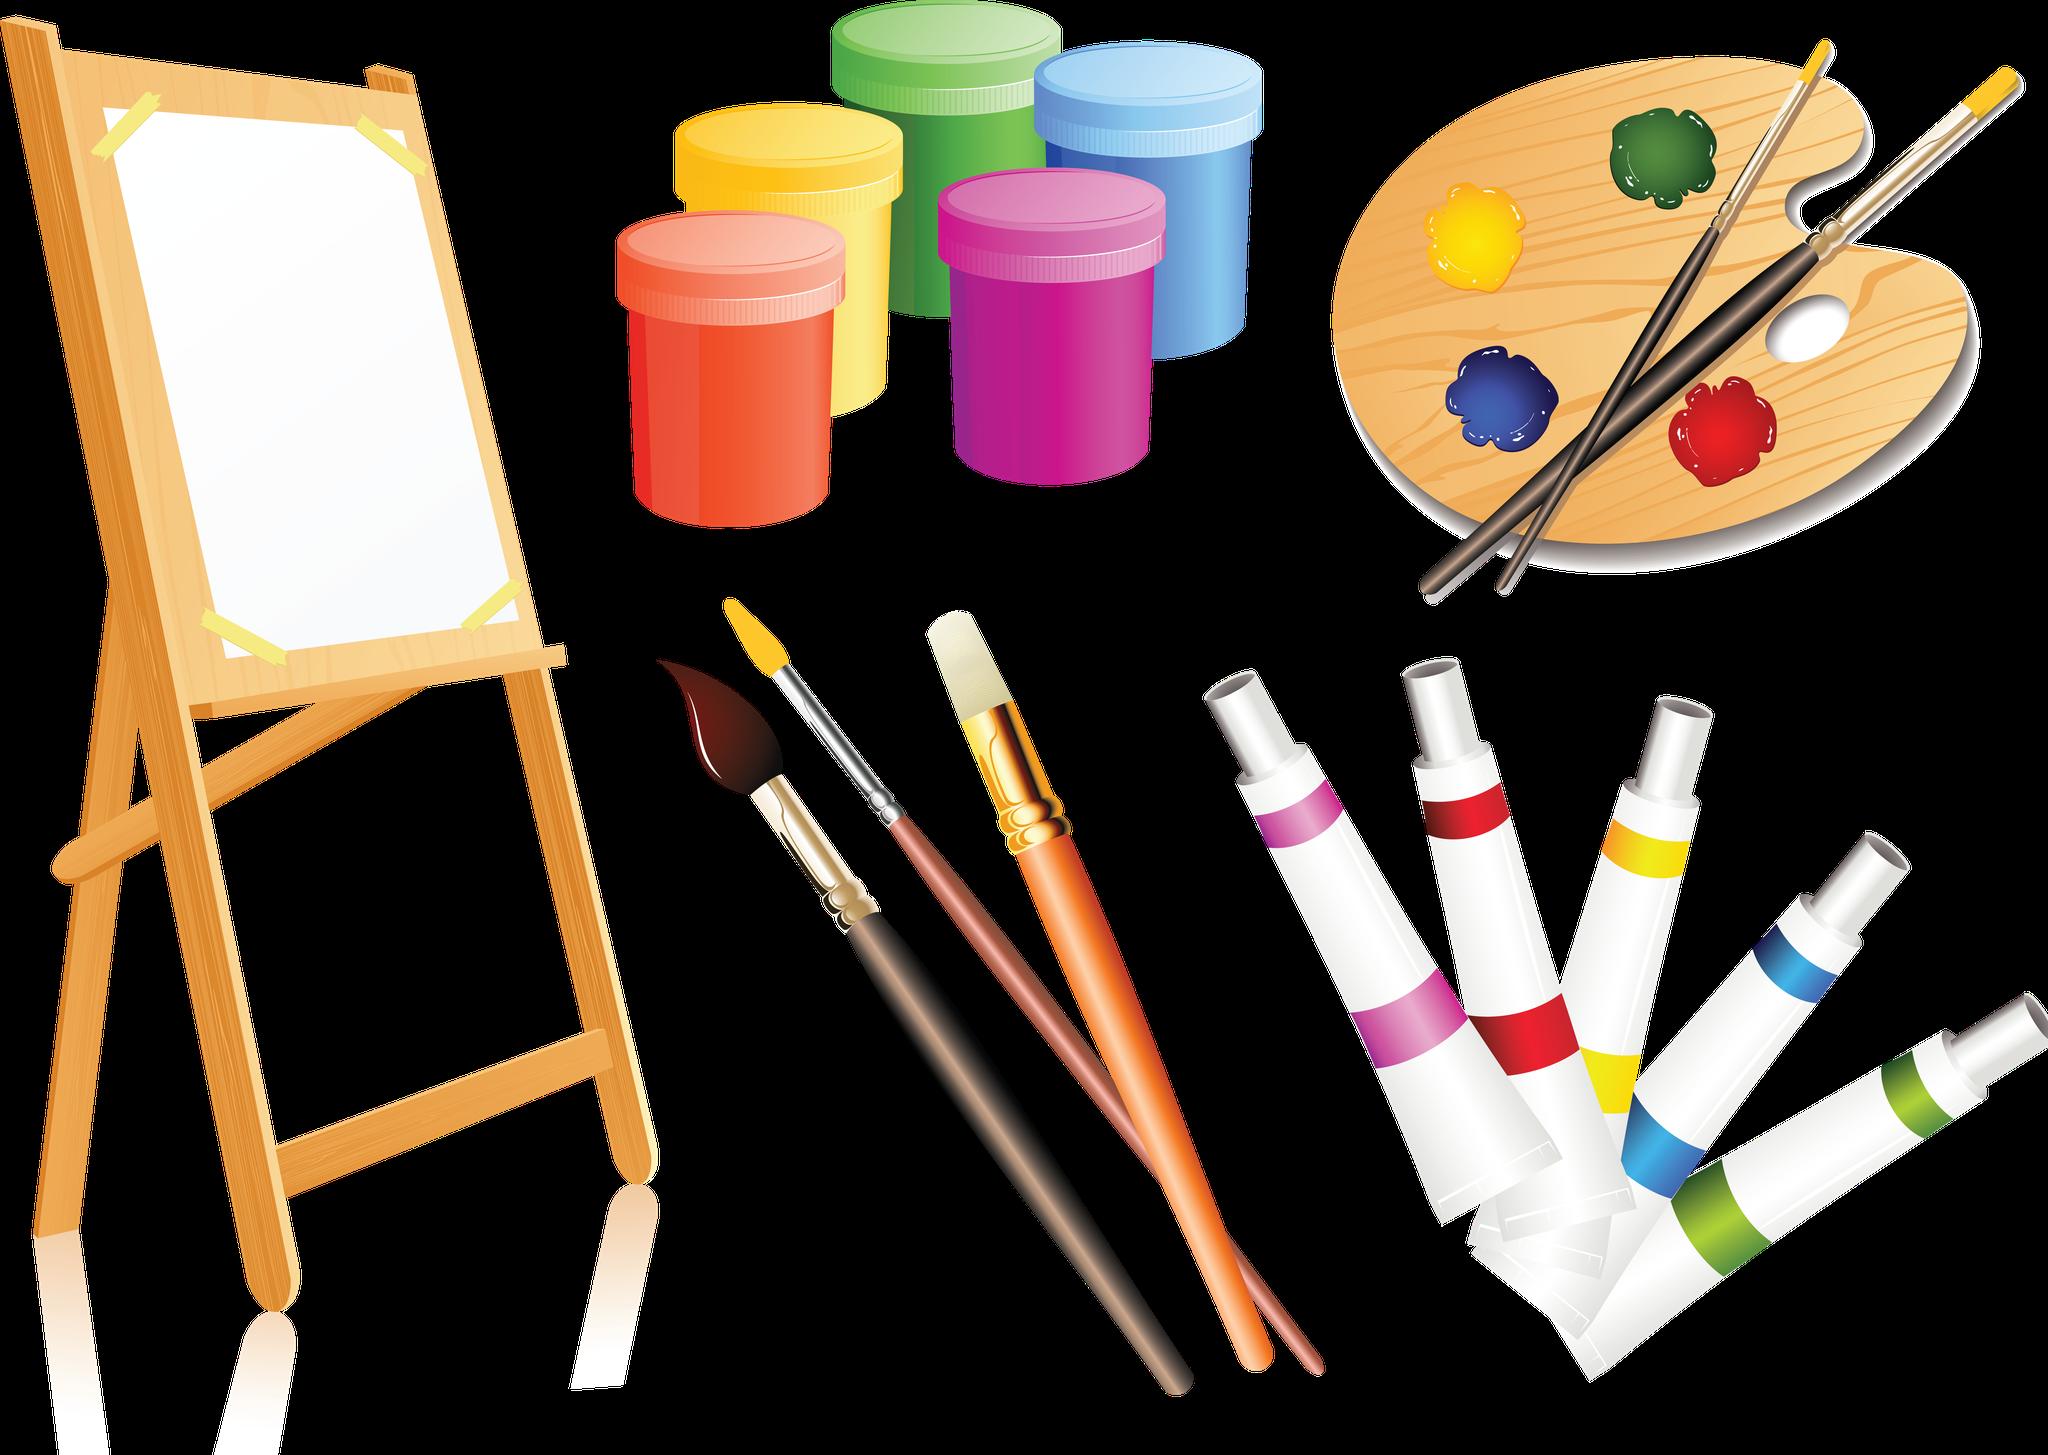 Palette clip art paint. Paintbrush clipart painting material